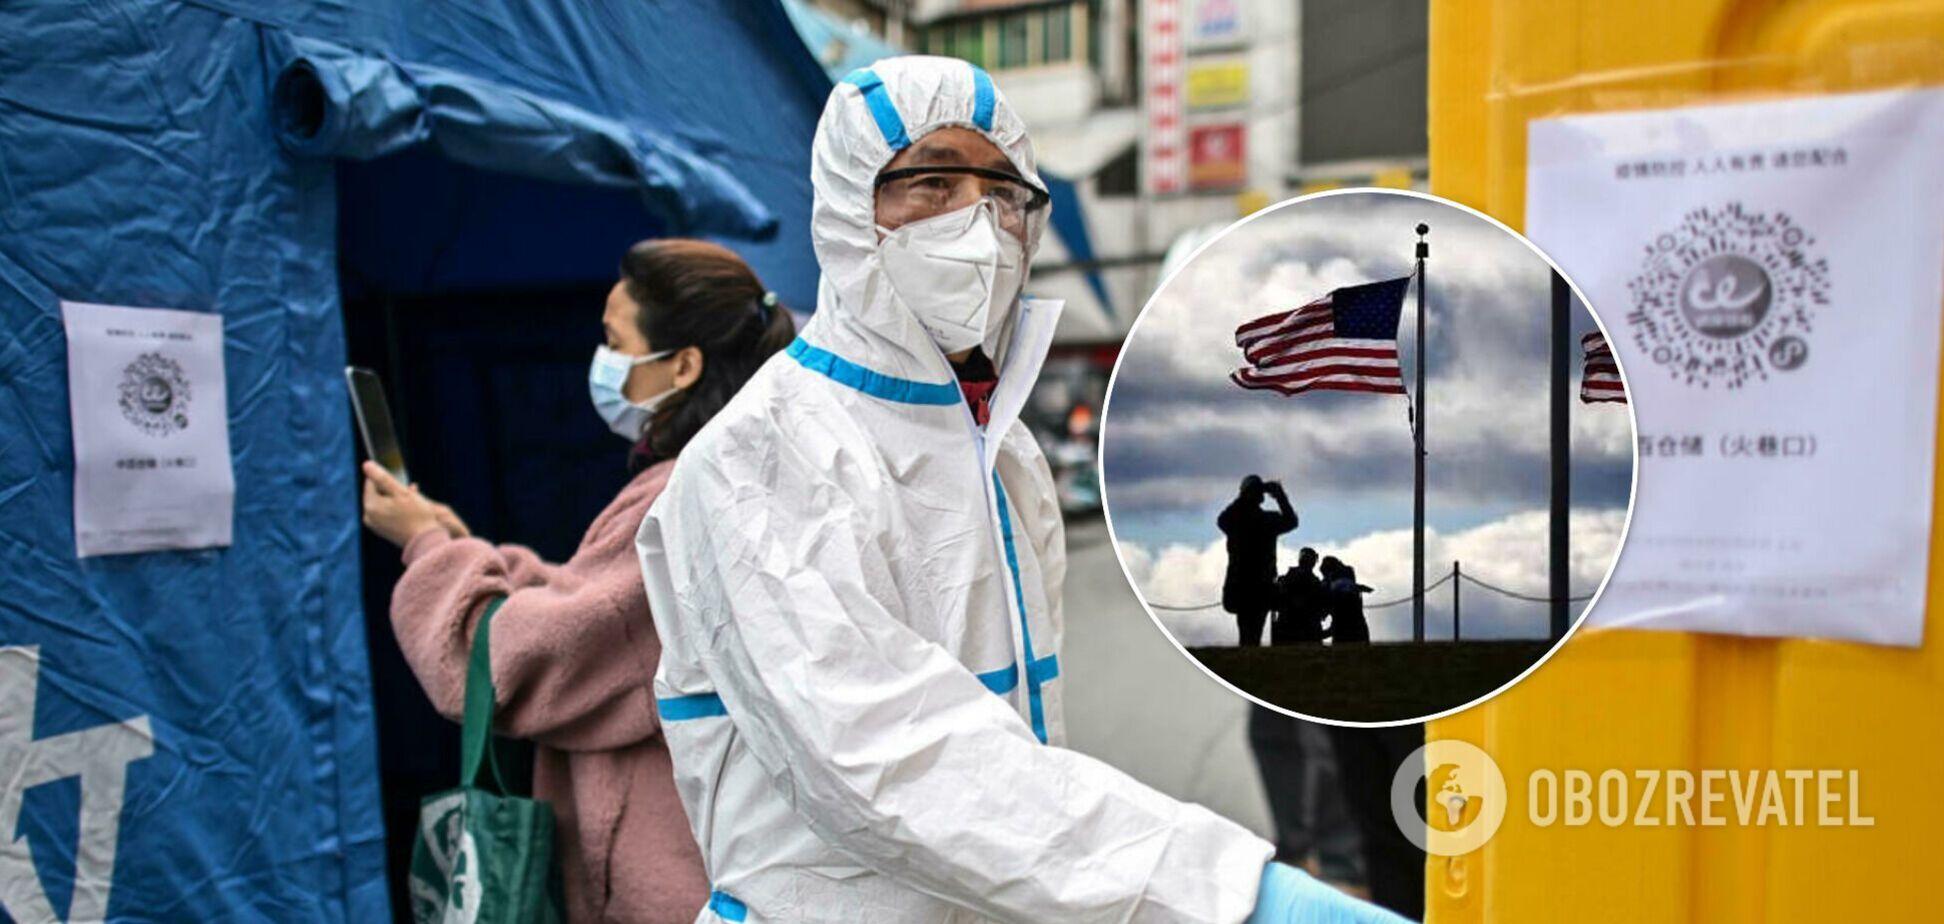 Коронавірус не розробляли як біологічну зброю – розвідка США